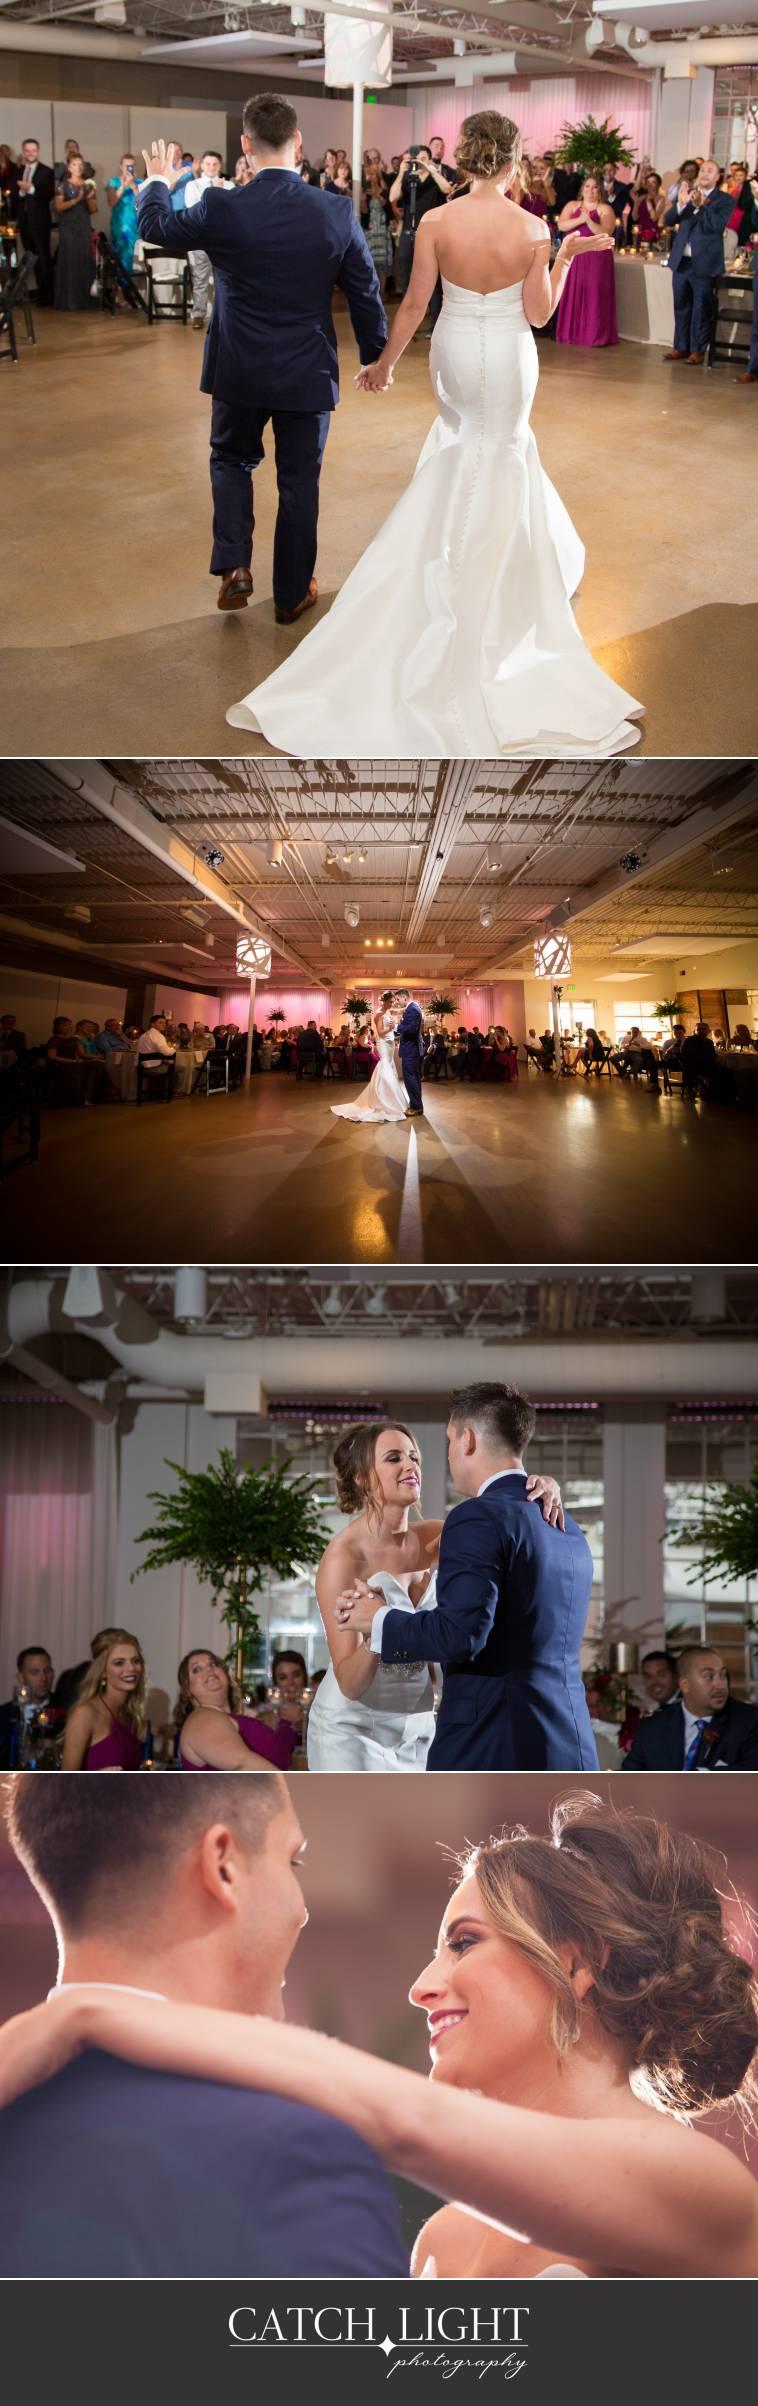 Studio Dan Meiners wedding reception photography